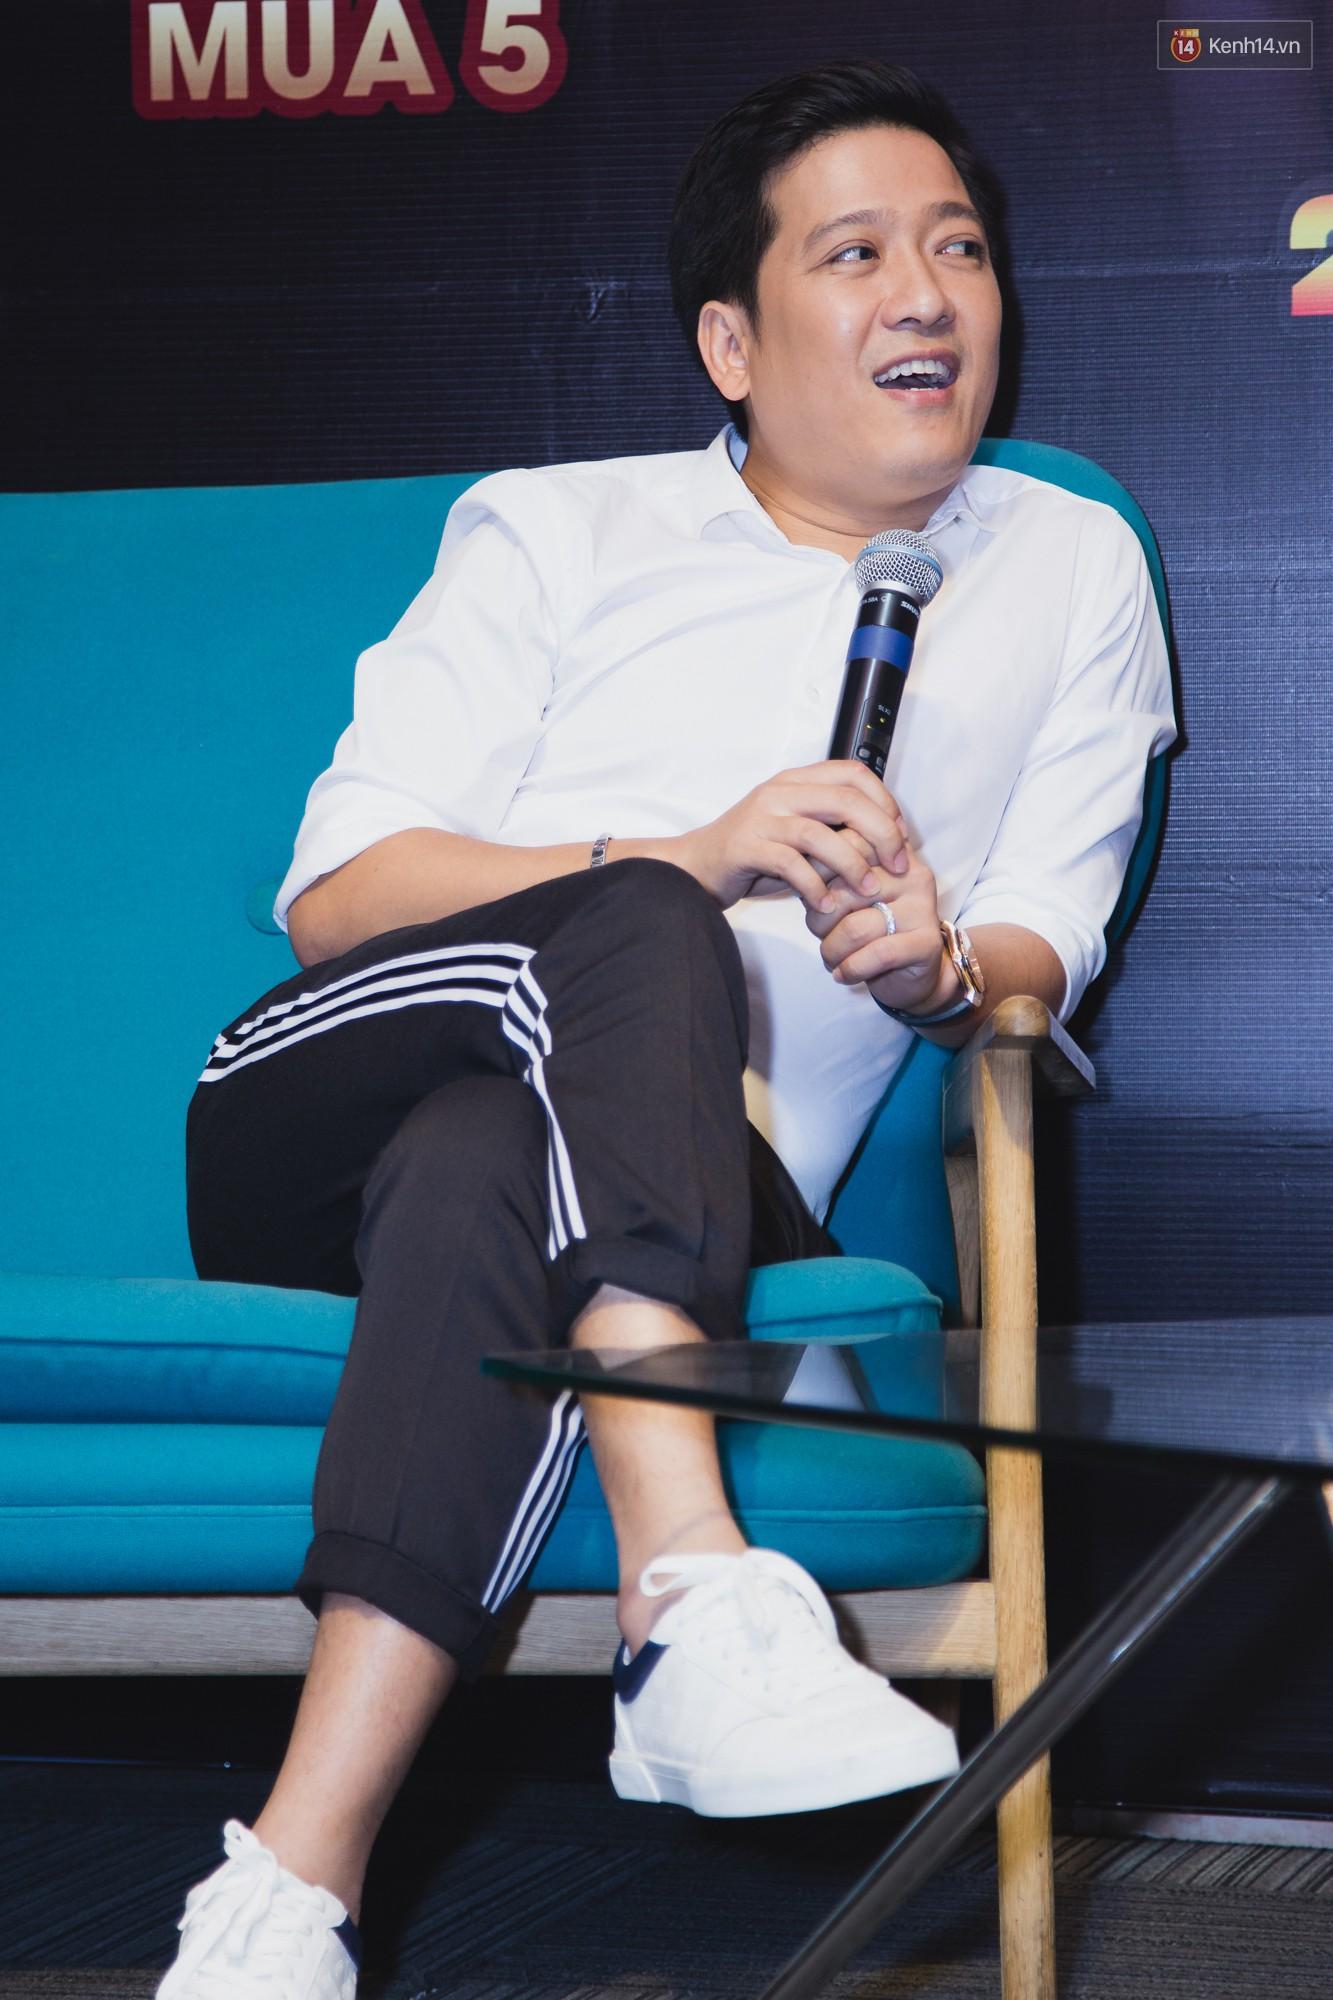 Trường Giang, Ngô Kiến Huy né những câu hỏi về tình cảm trong họp báo Thách thức danh hài - Ảnh 4.